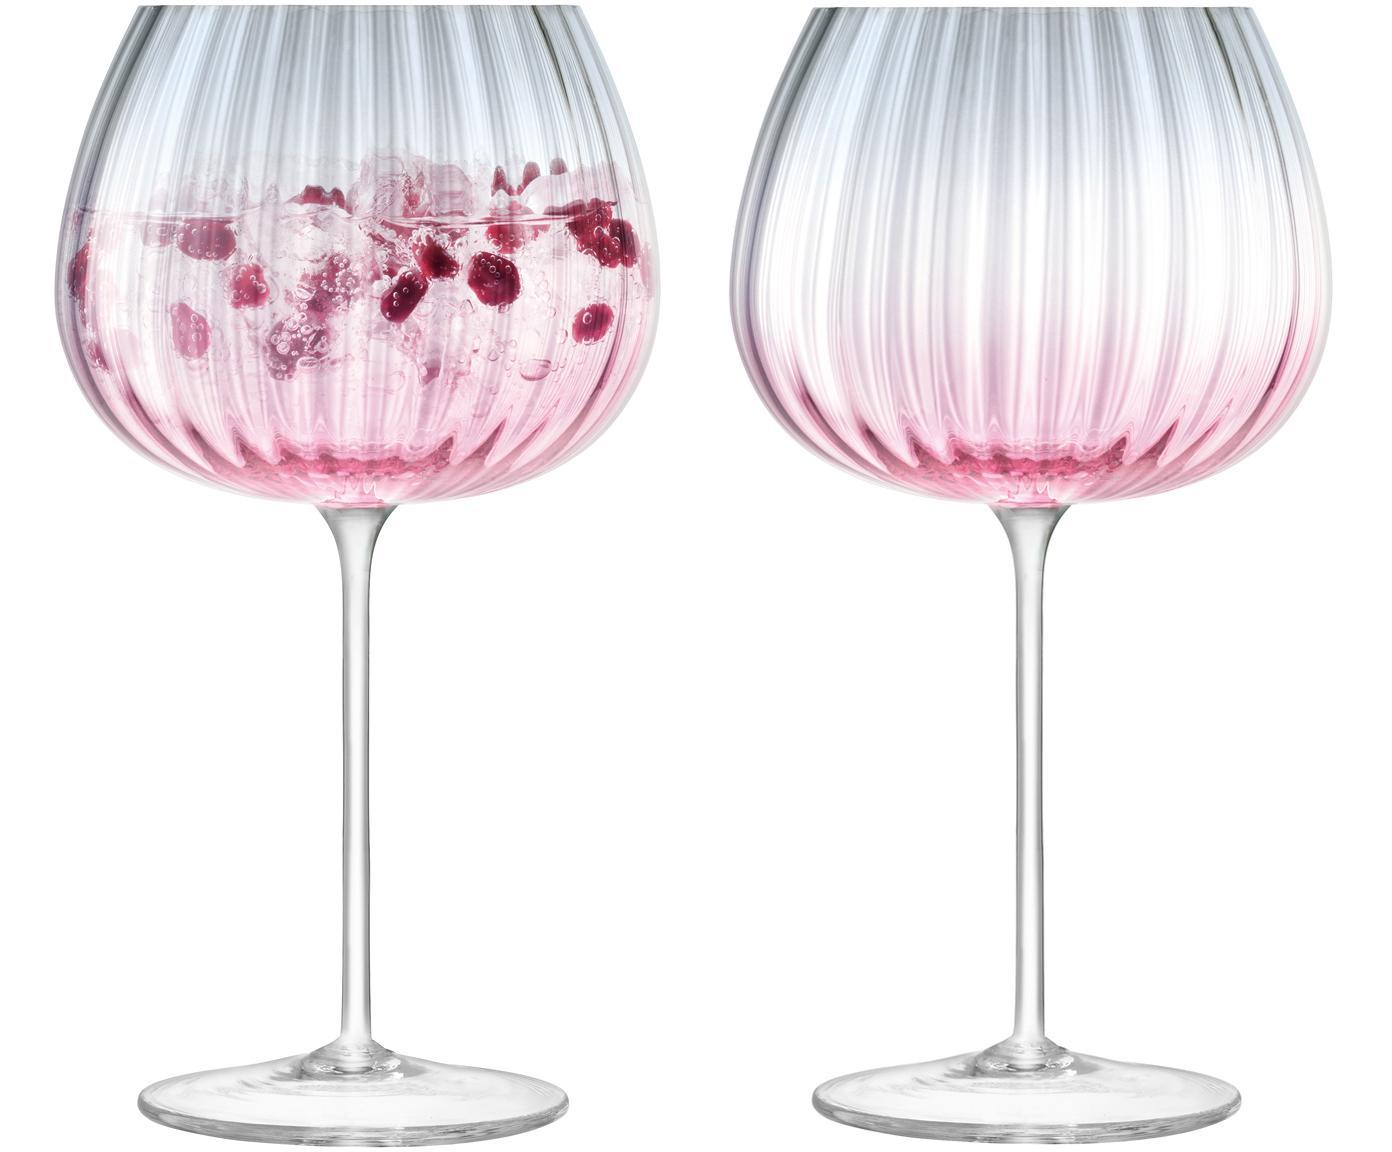 Copas de vino artesanales Dusk, 2uds., Vidrio, Rosa, gris, Ø 10 x Al 20 cm